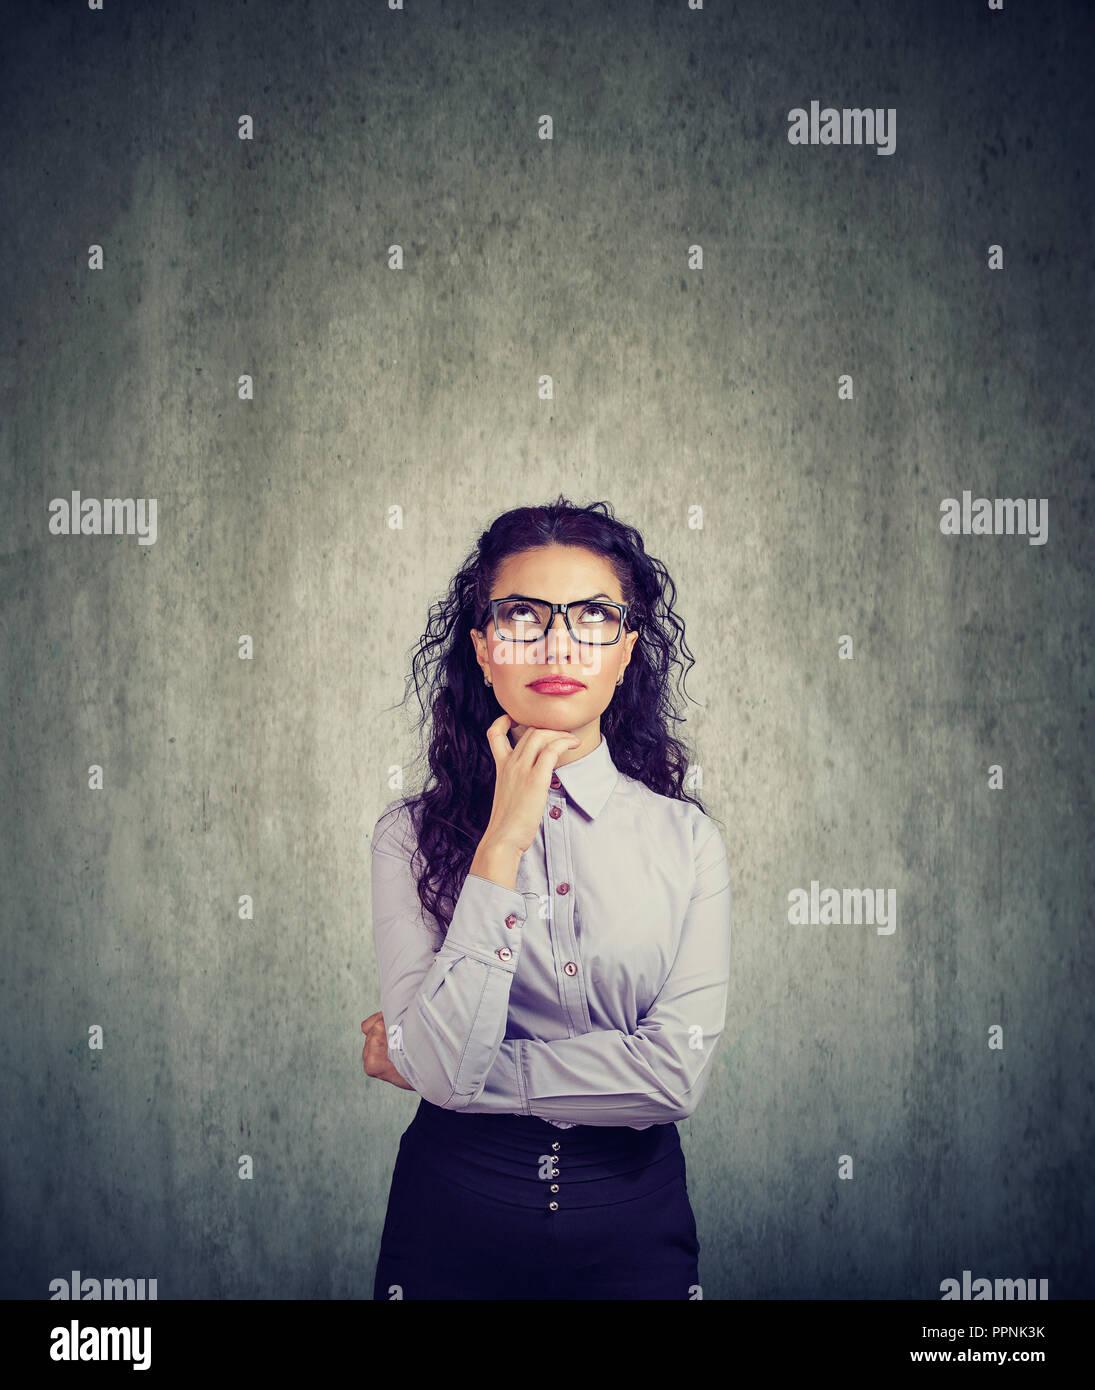 Bruna giovane donna in occhiali cercando in contemplazione su sfondo grigio Immagini Stock